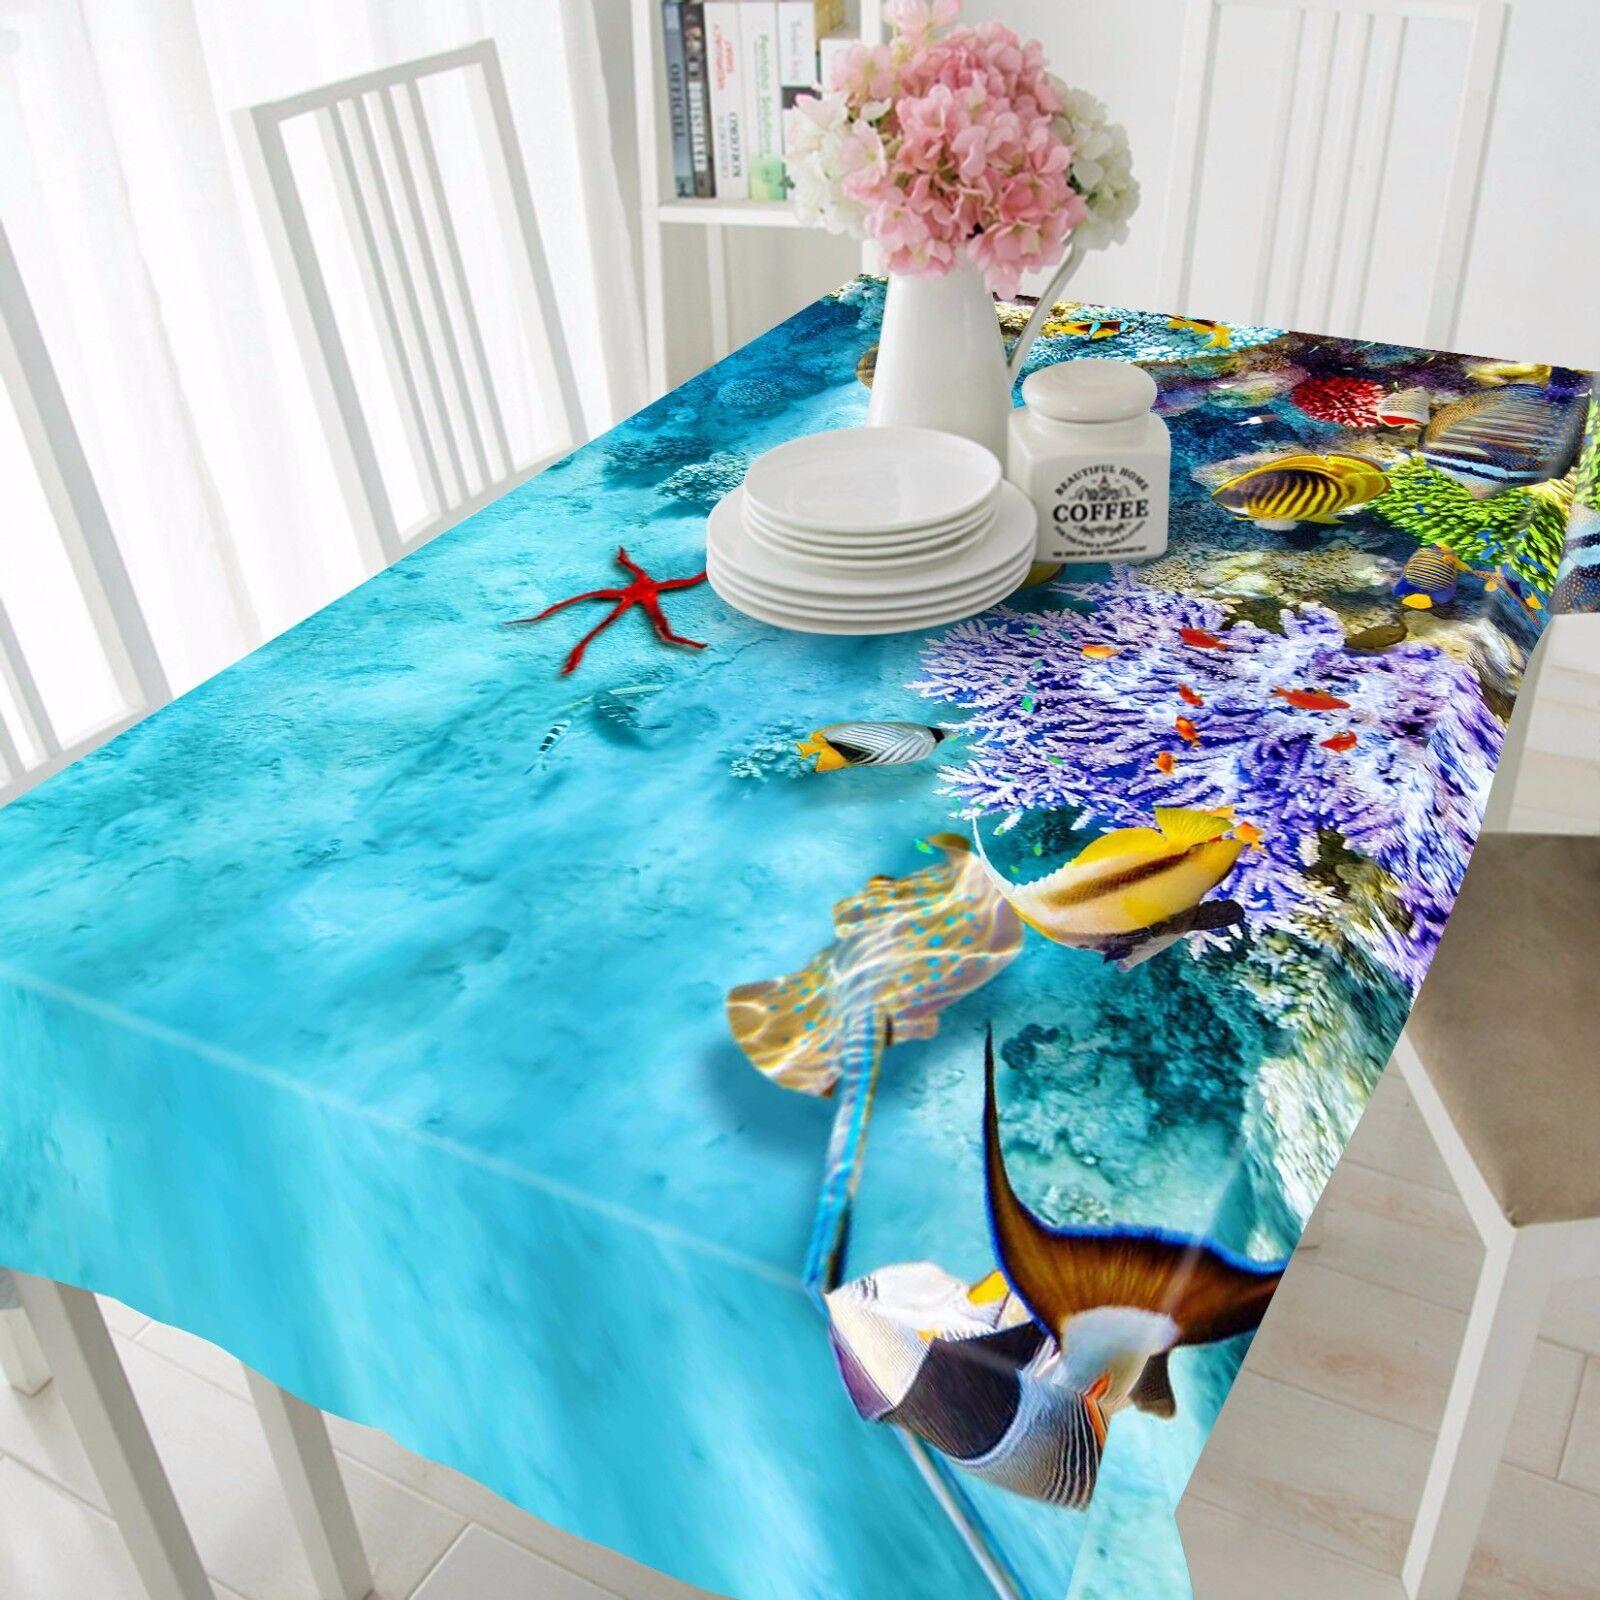 3D OCEAN Nappe Table Cover Cloth fête d'anniversaire AJ papier peint Royaume-Uni Citron